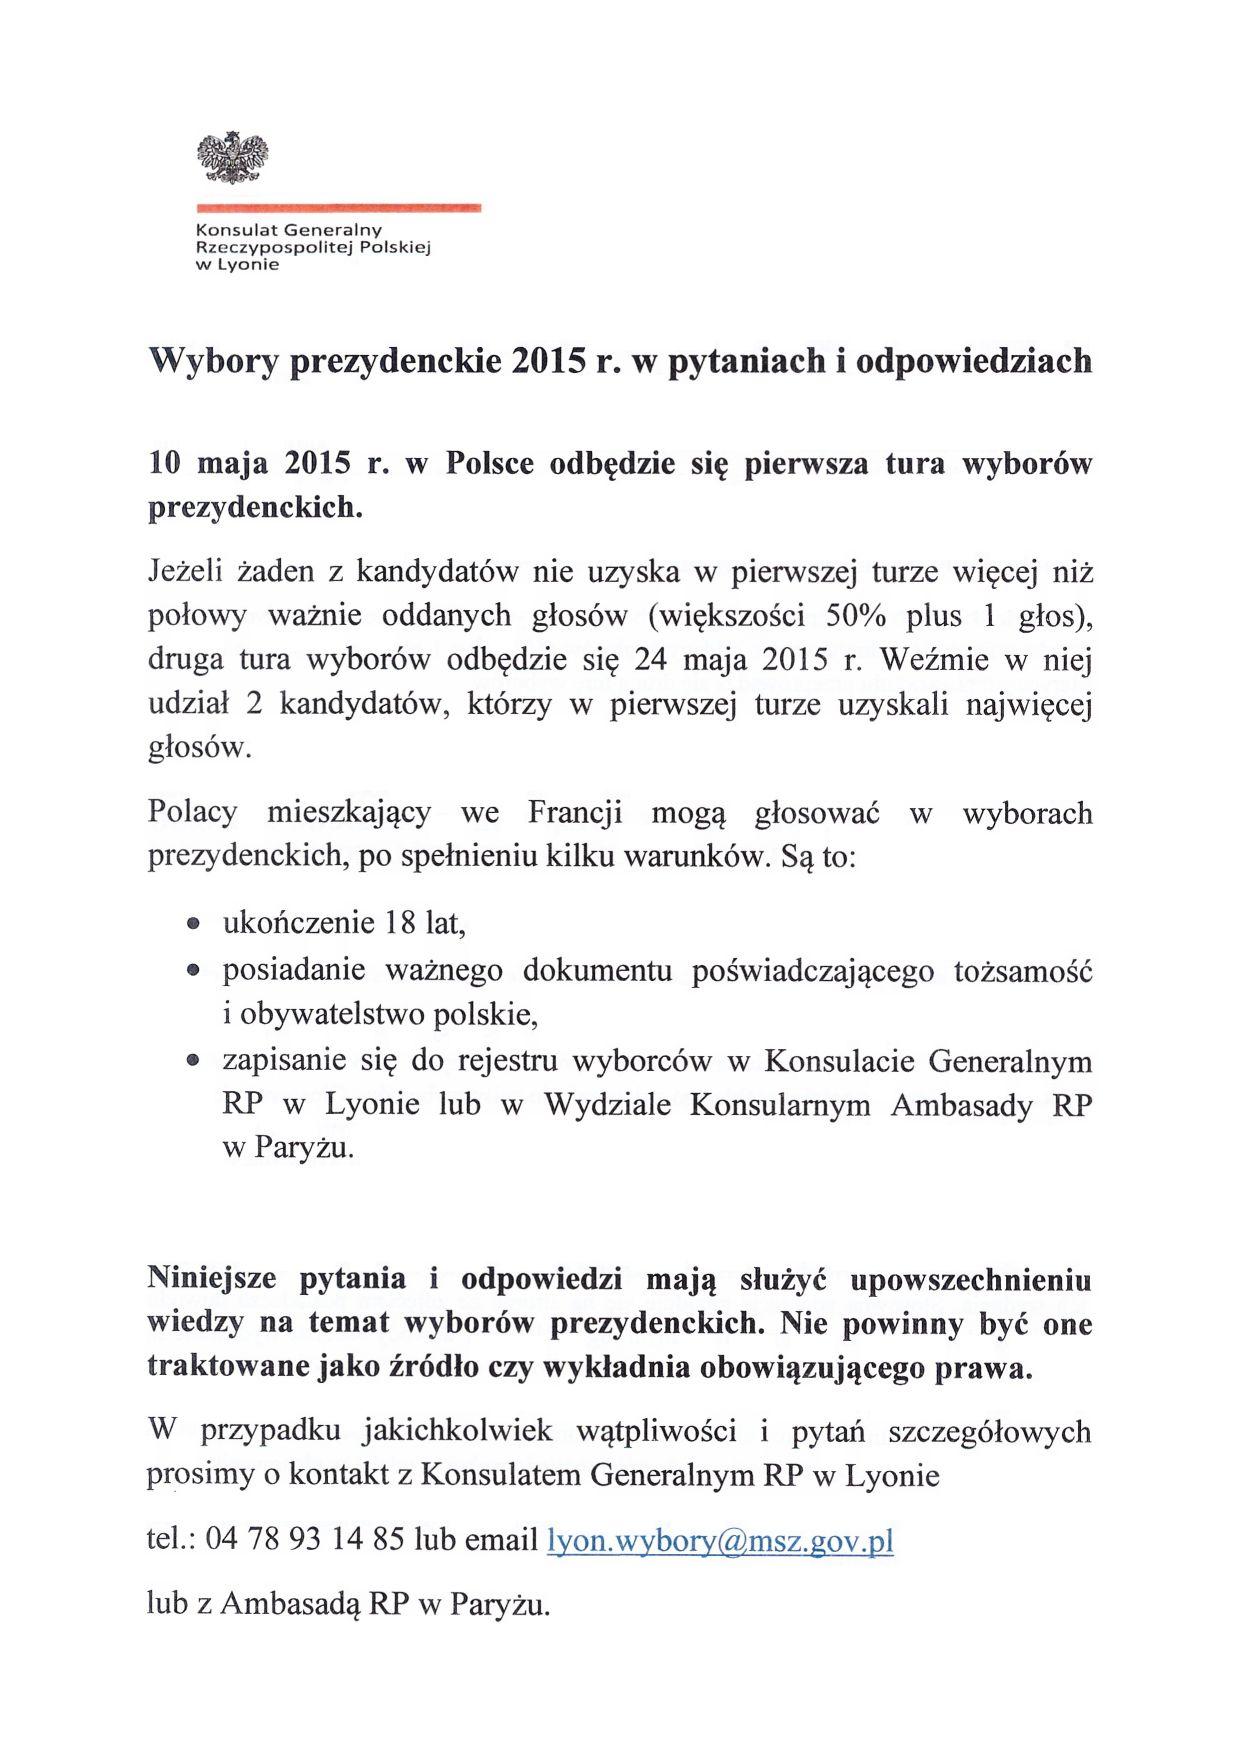 Wybory_Prezydenckie_2015-1